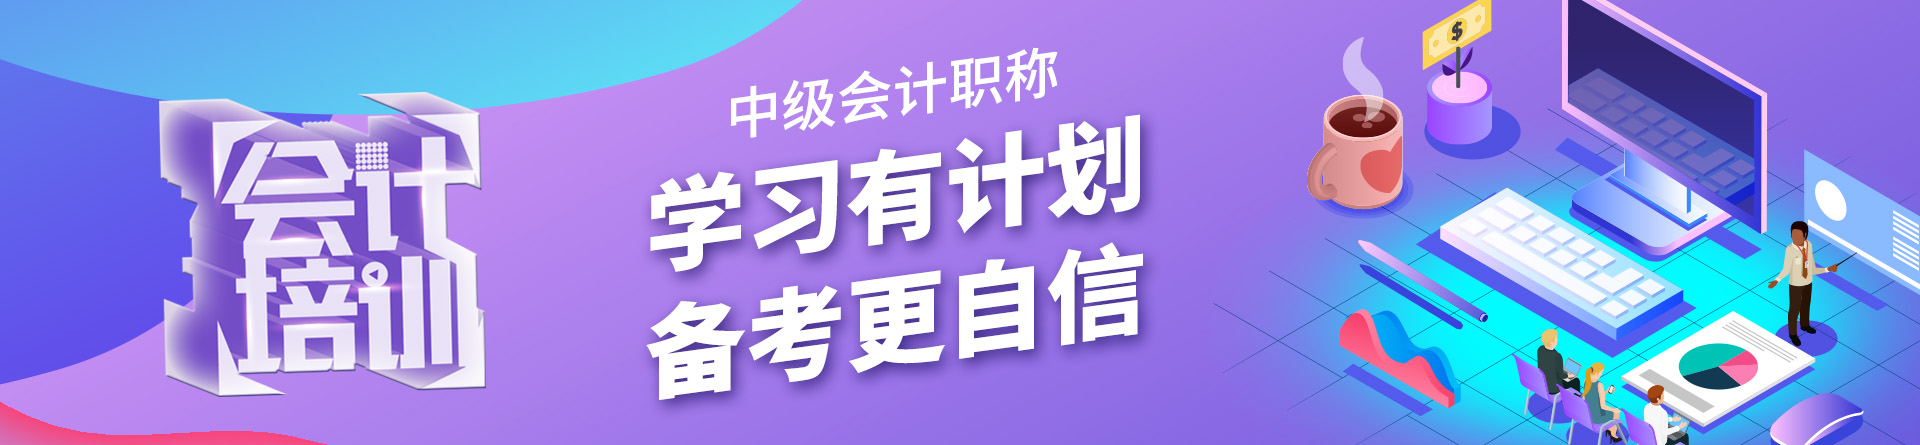 宁夏中卫优路教育培训学校